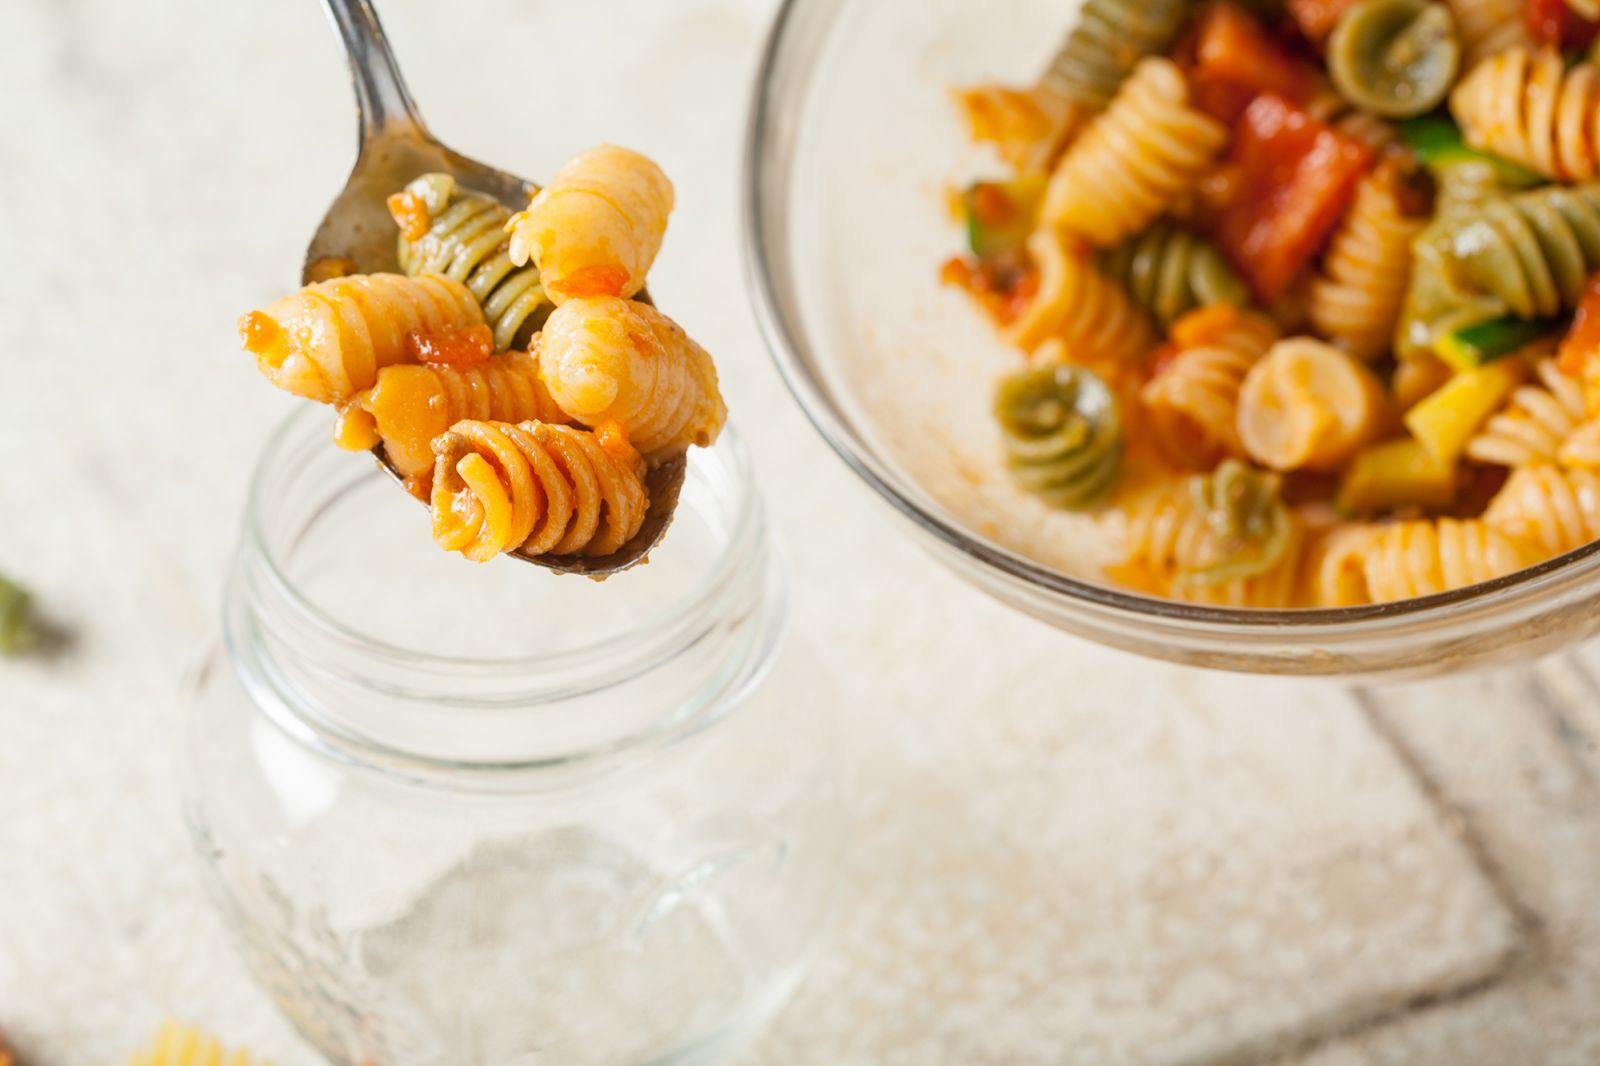 Ensalada de pasta y tomate